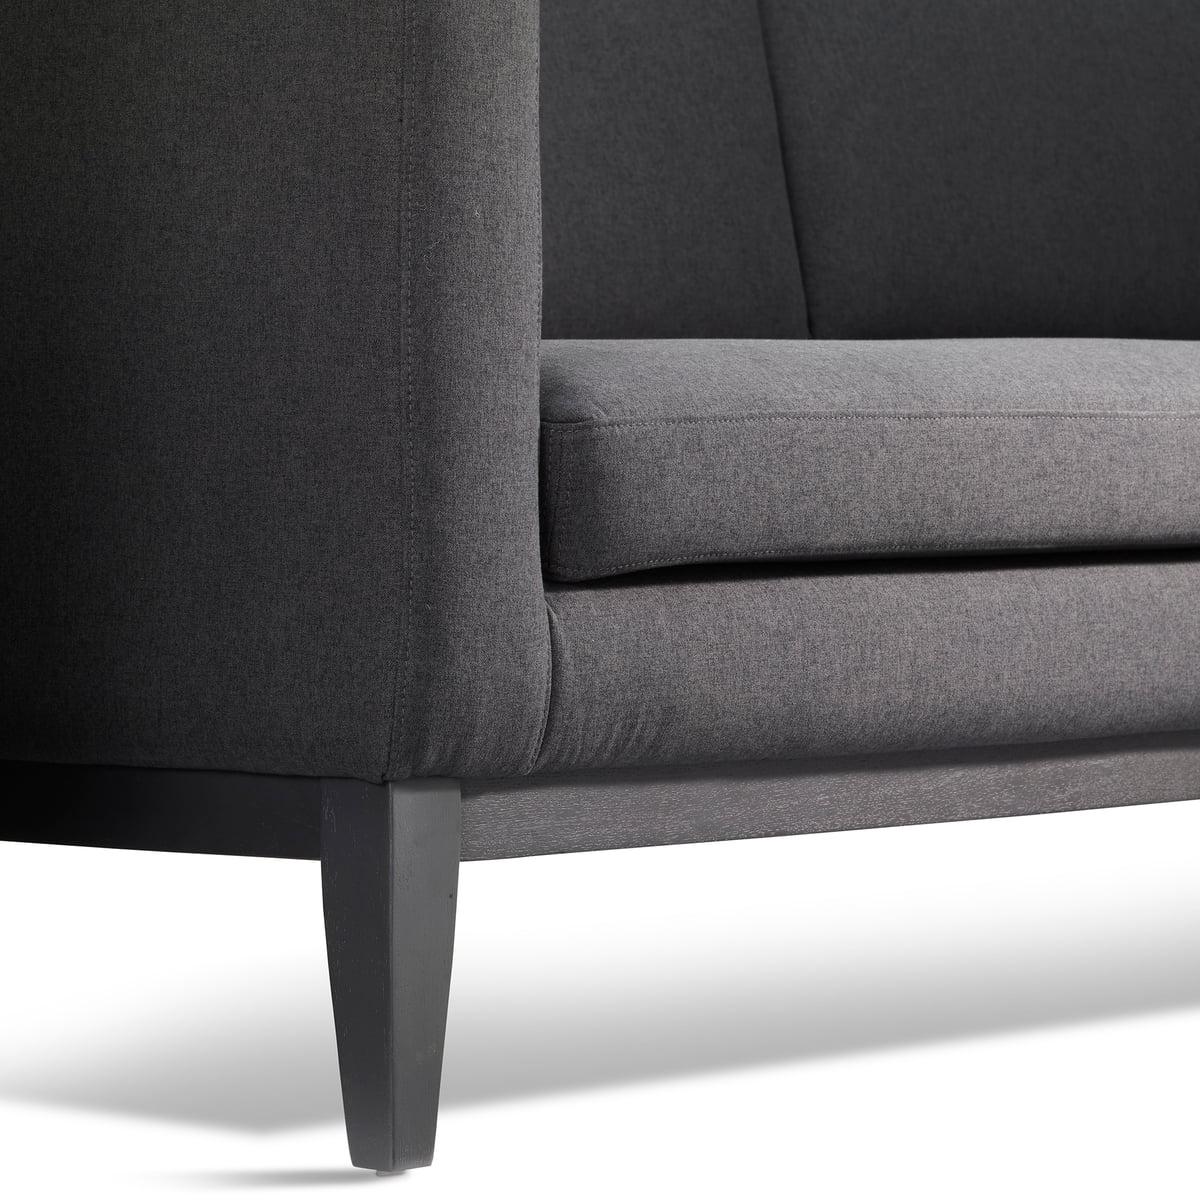 Verführerisch Couch Dunkelgrau Dekoration Von Design E Stockholm - Day Dream Sofa,